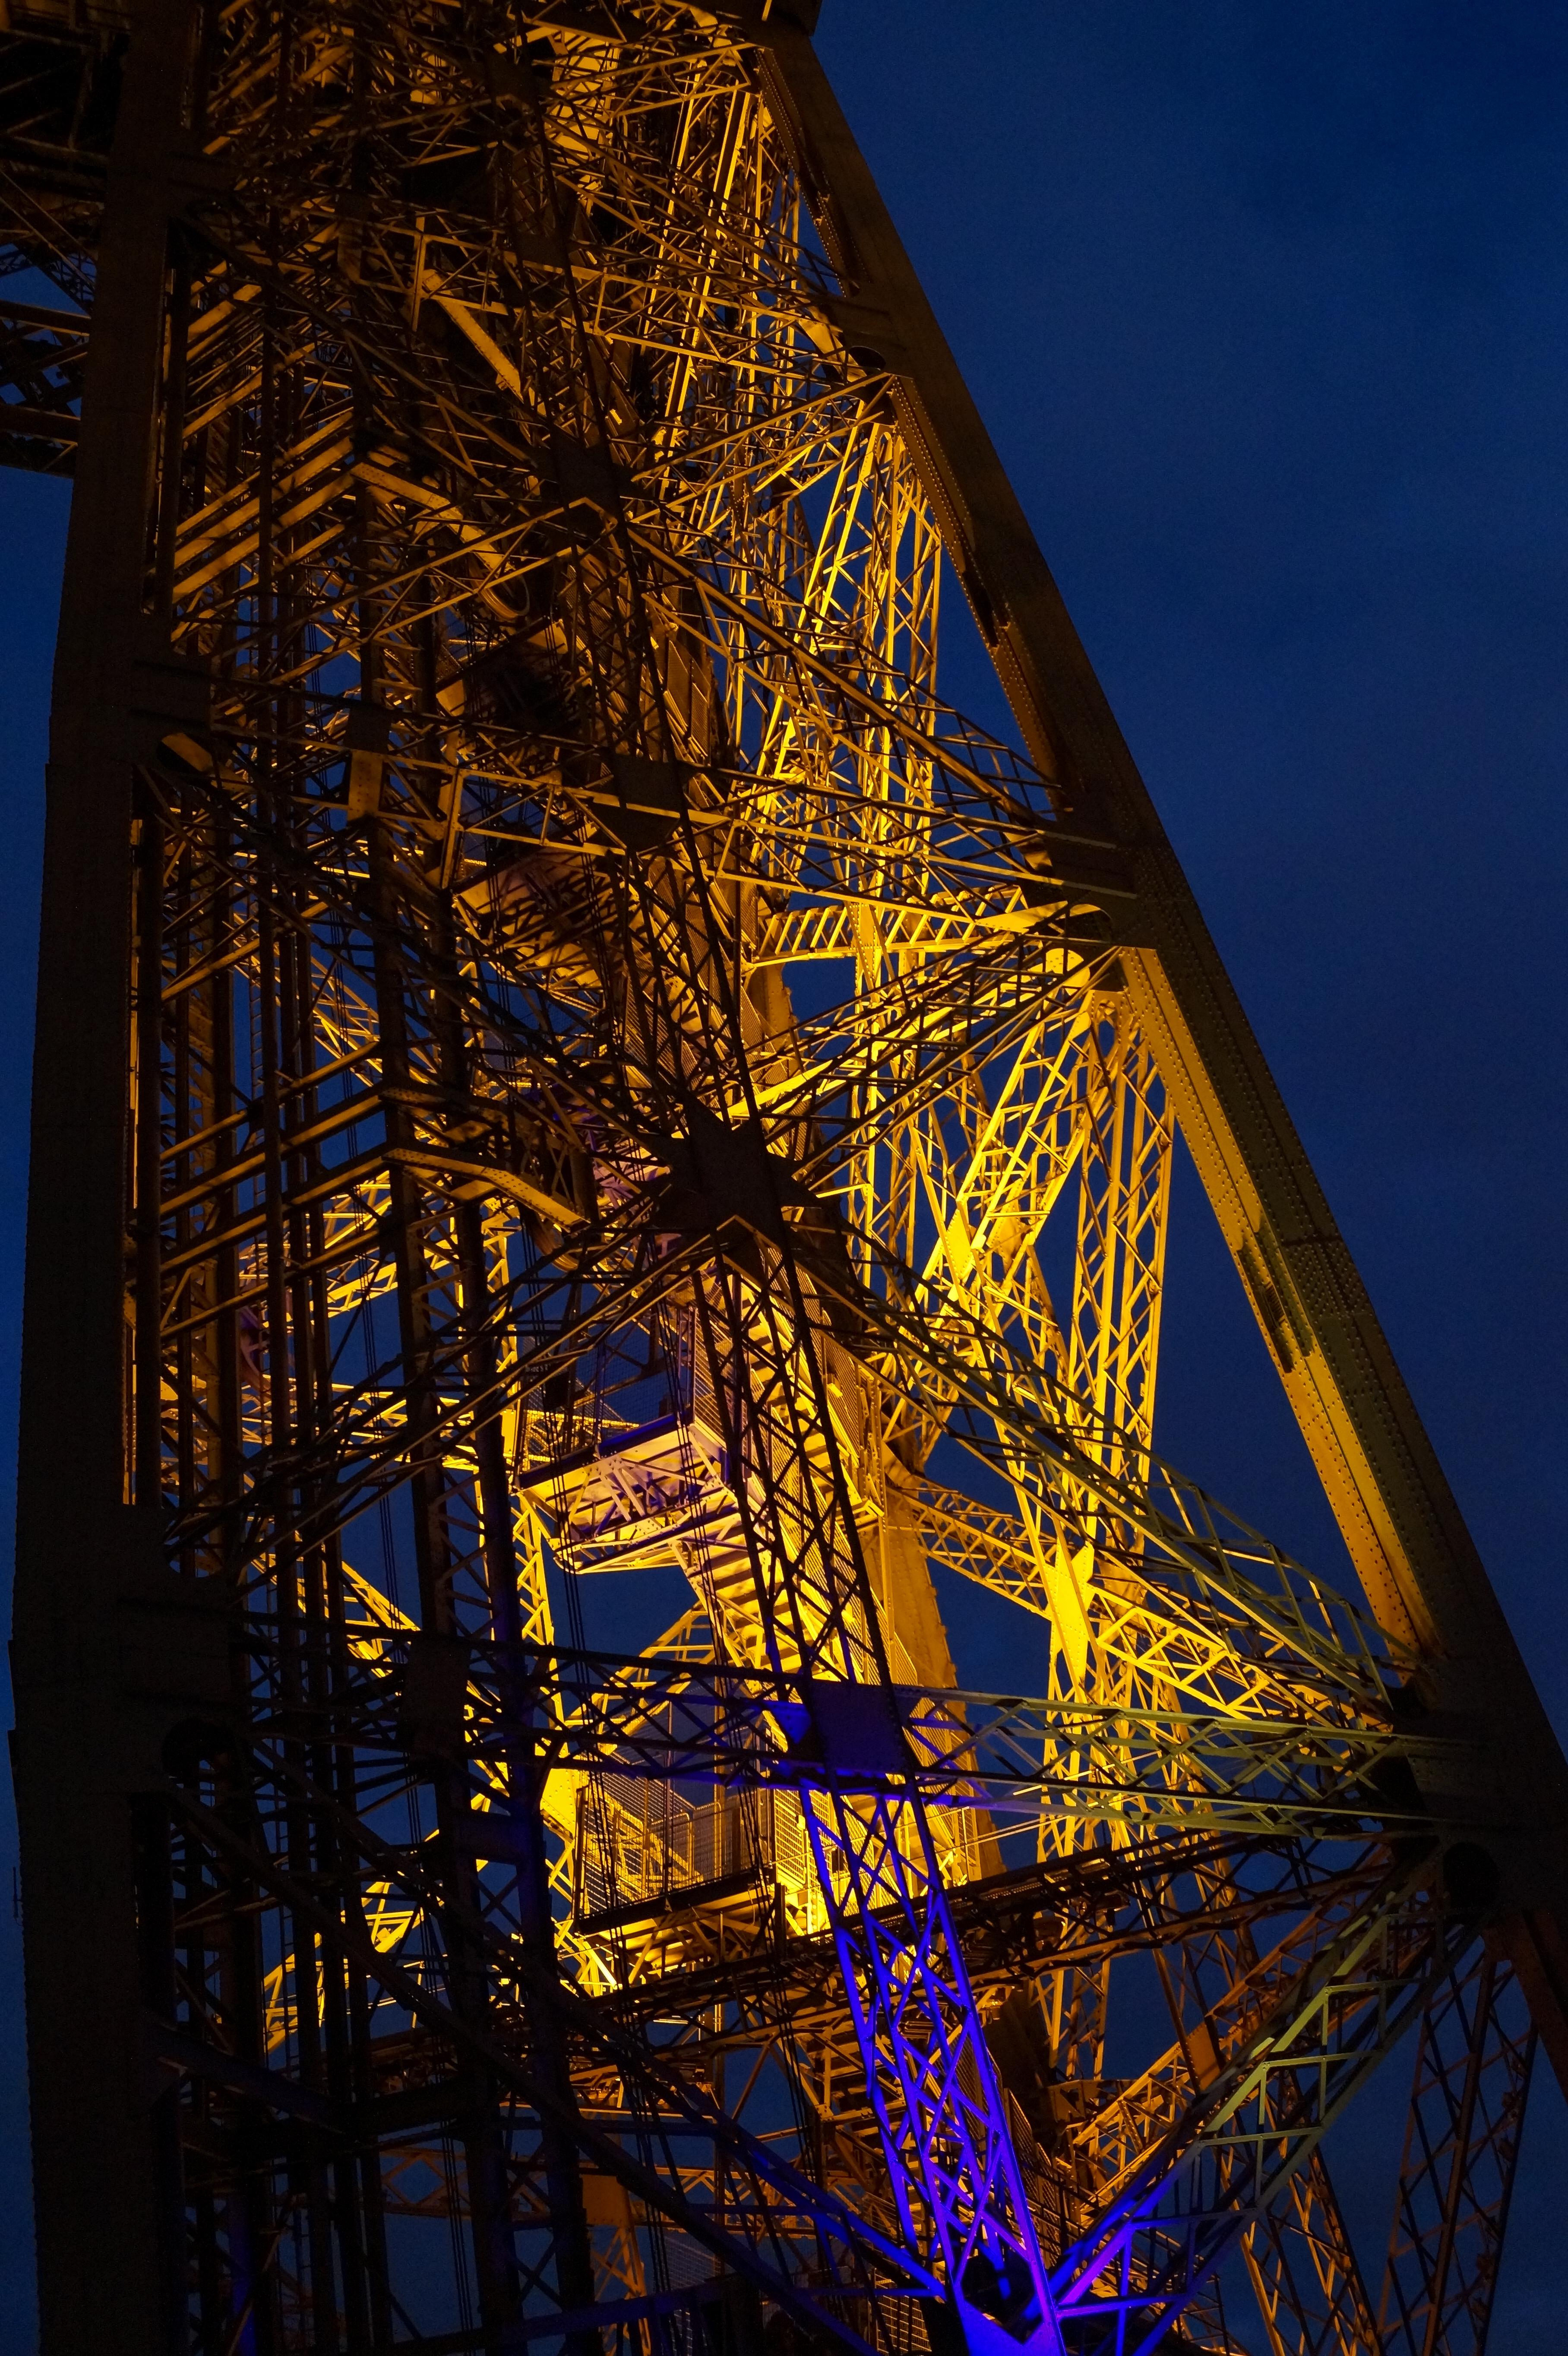 Eiffelturm Beleuchtung | File Paris Eiffelturm Beleuchtung 2014 12 2 Jpg Wikimedia Commons